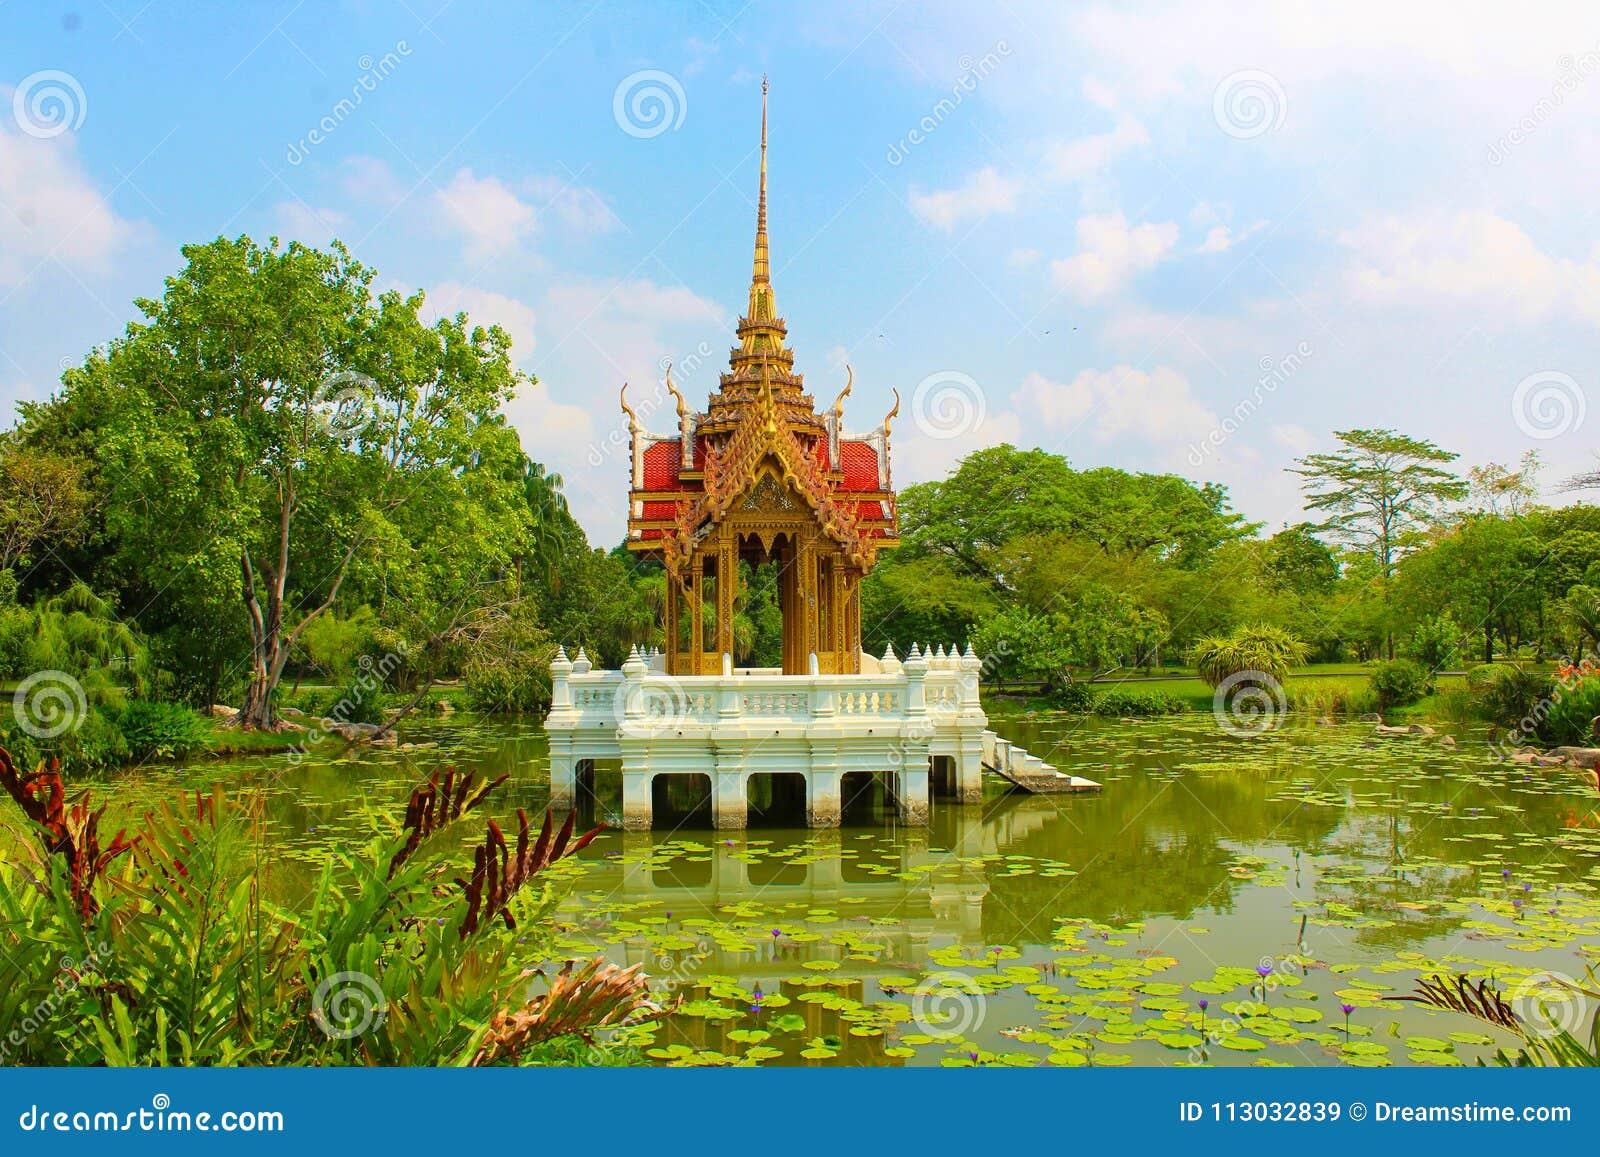 Templo chino en el medio de un lago en el parque de Lumpini, Tailandia